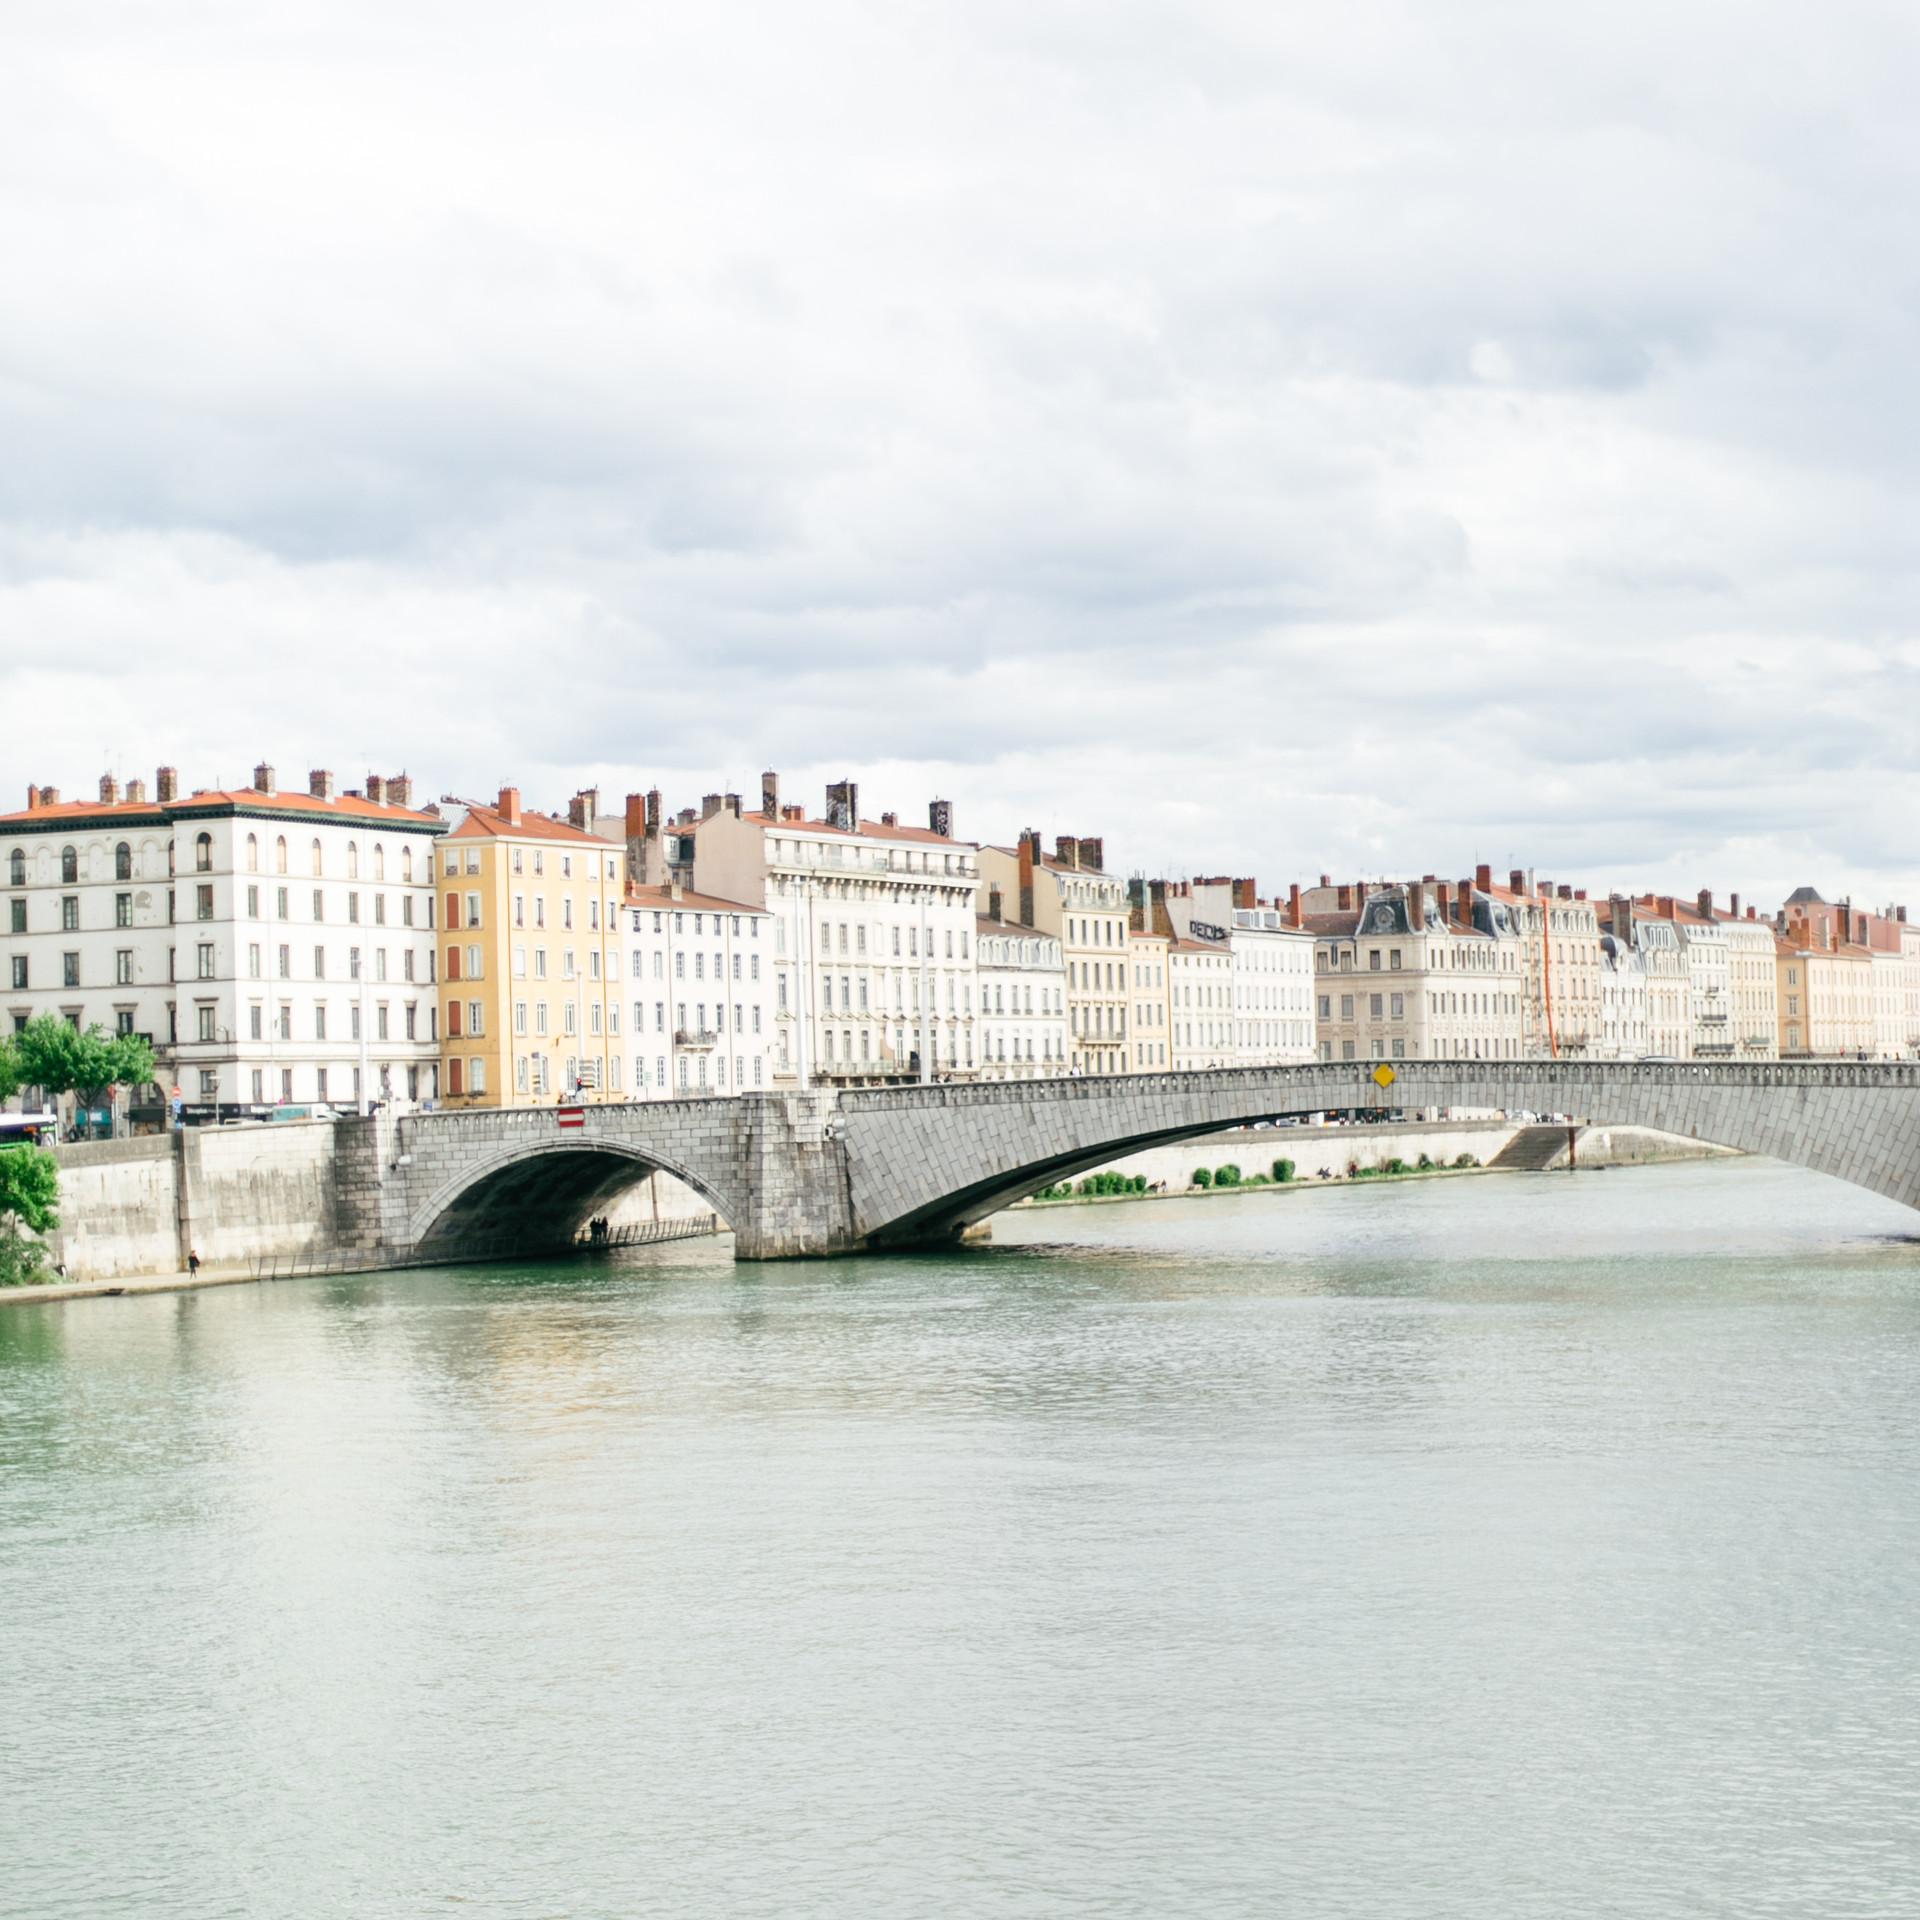 MarieRoy-Lyon-France-1908.jpg